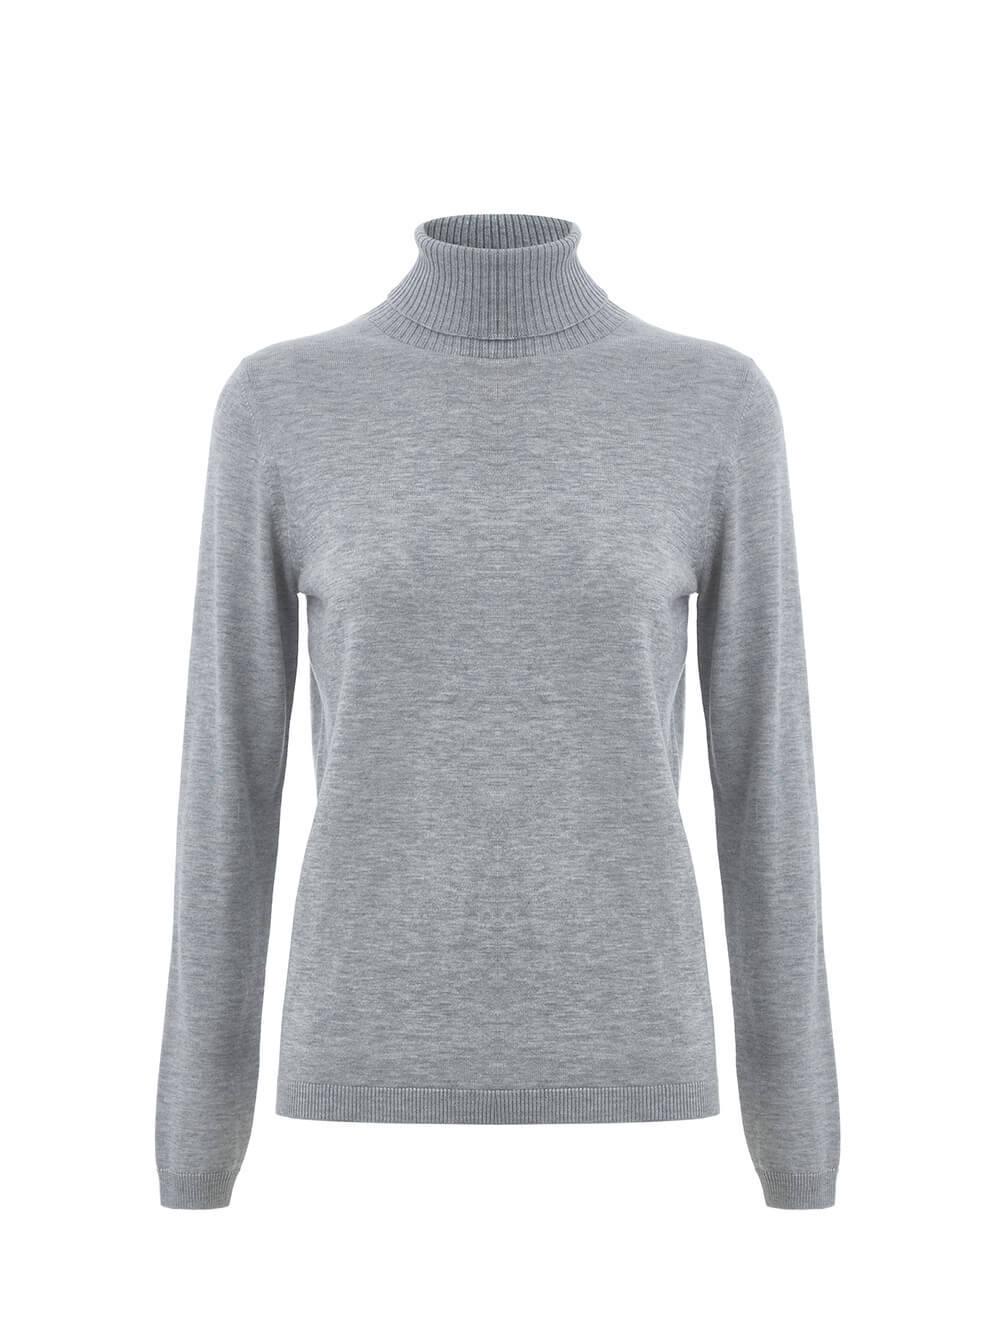 Женская водолазка цвета серый меланж из шерсти и шелка - фото 1